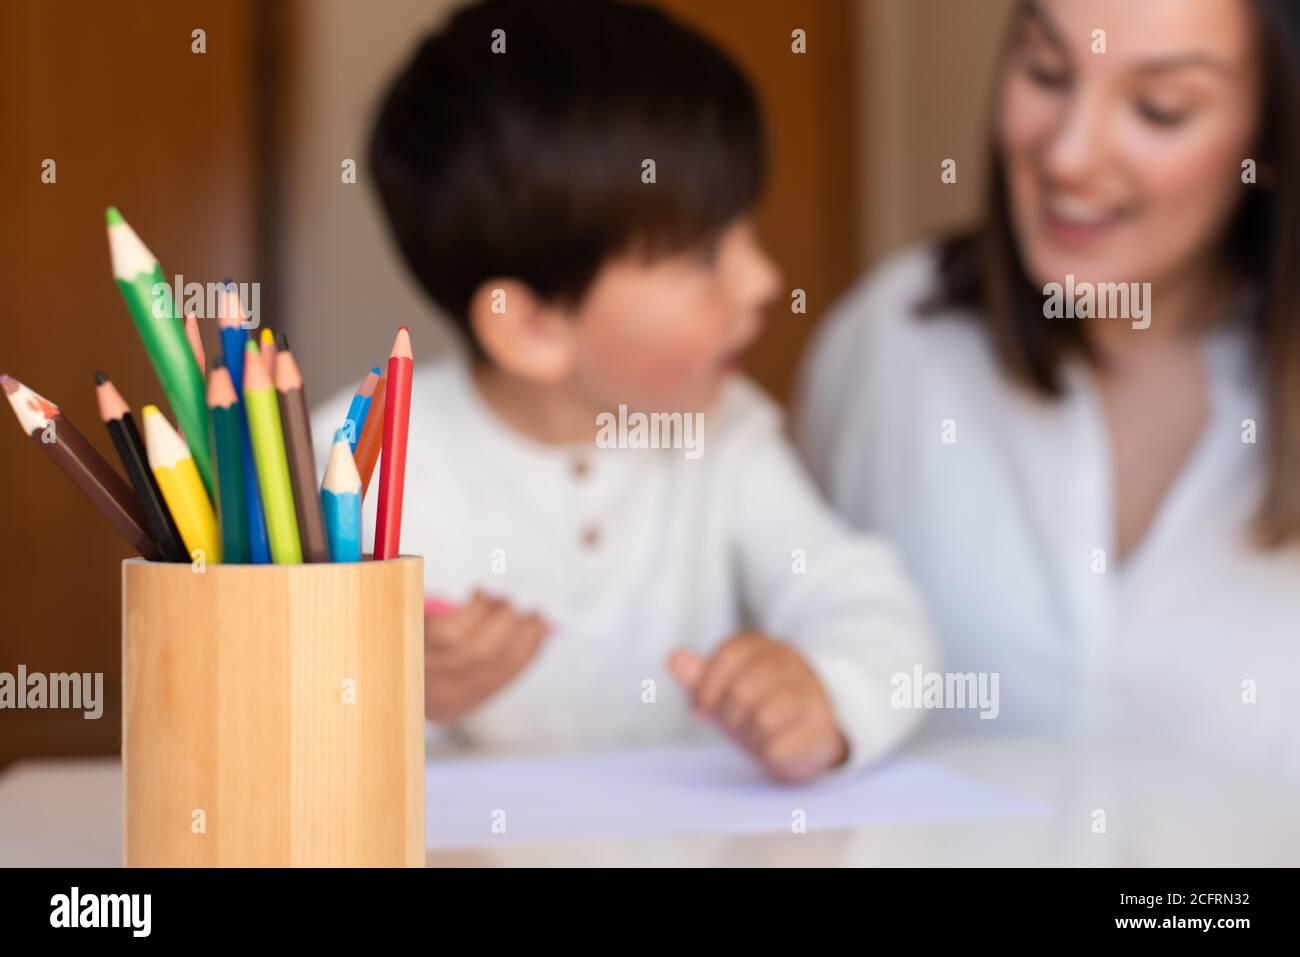 Pequeño niño de preescolar dibujo con lápices de colores con madre o maestro educador. Céntrese en los lápices. Homeschooling. Comunidad de aprendizaje. Montess Foto de stock